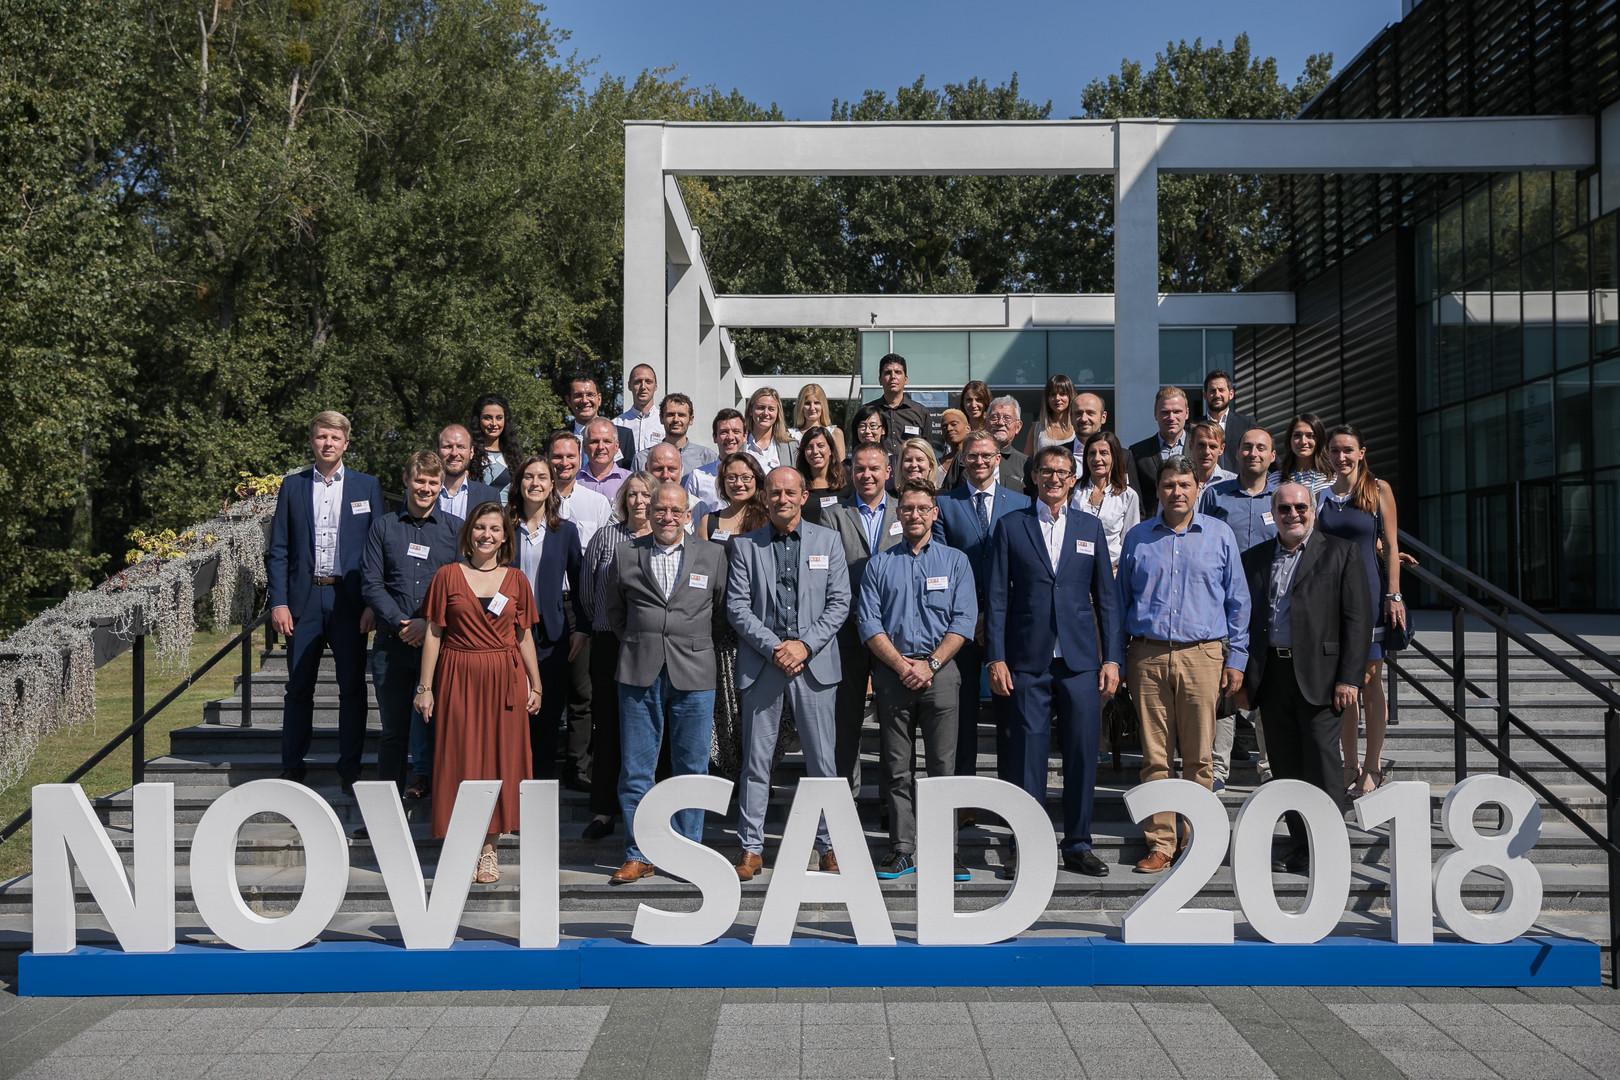 01_Novi Sad Gruppenbild.jpg